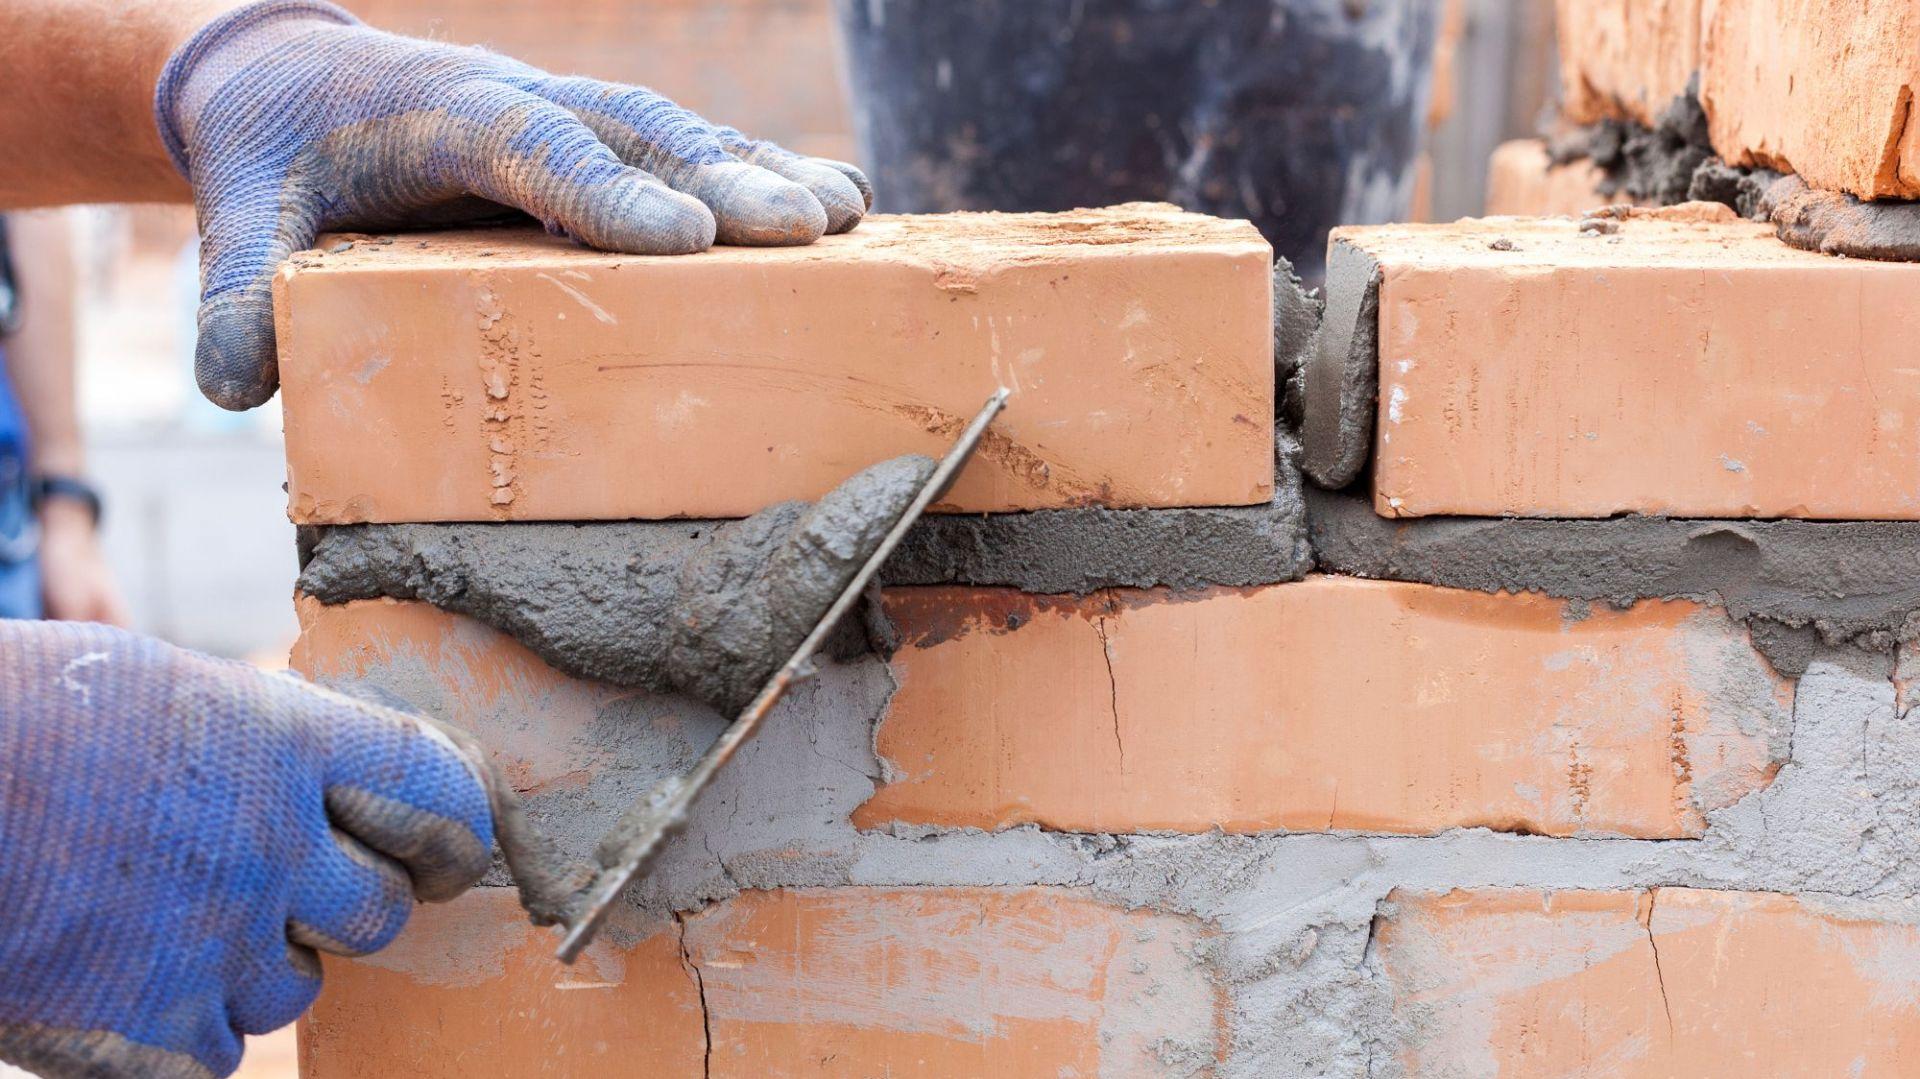 Zmiany cen materiałów dla budownictwa oraz domu i ogrodu we wrześniu 2019 – analiza PSB. Fot. Shutterstock